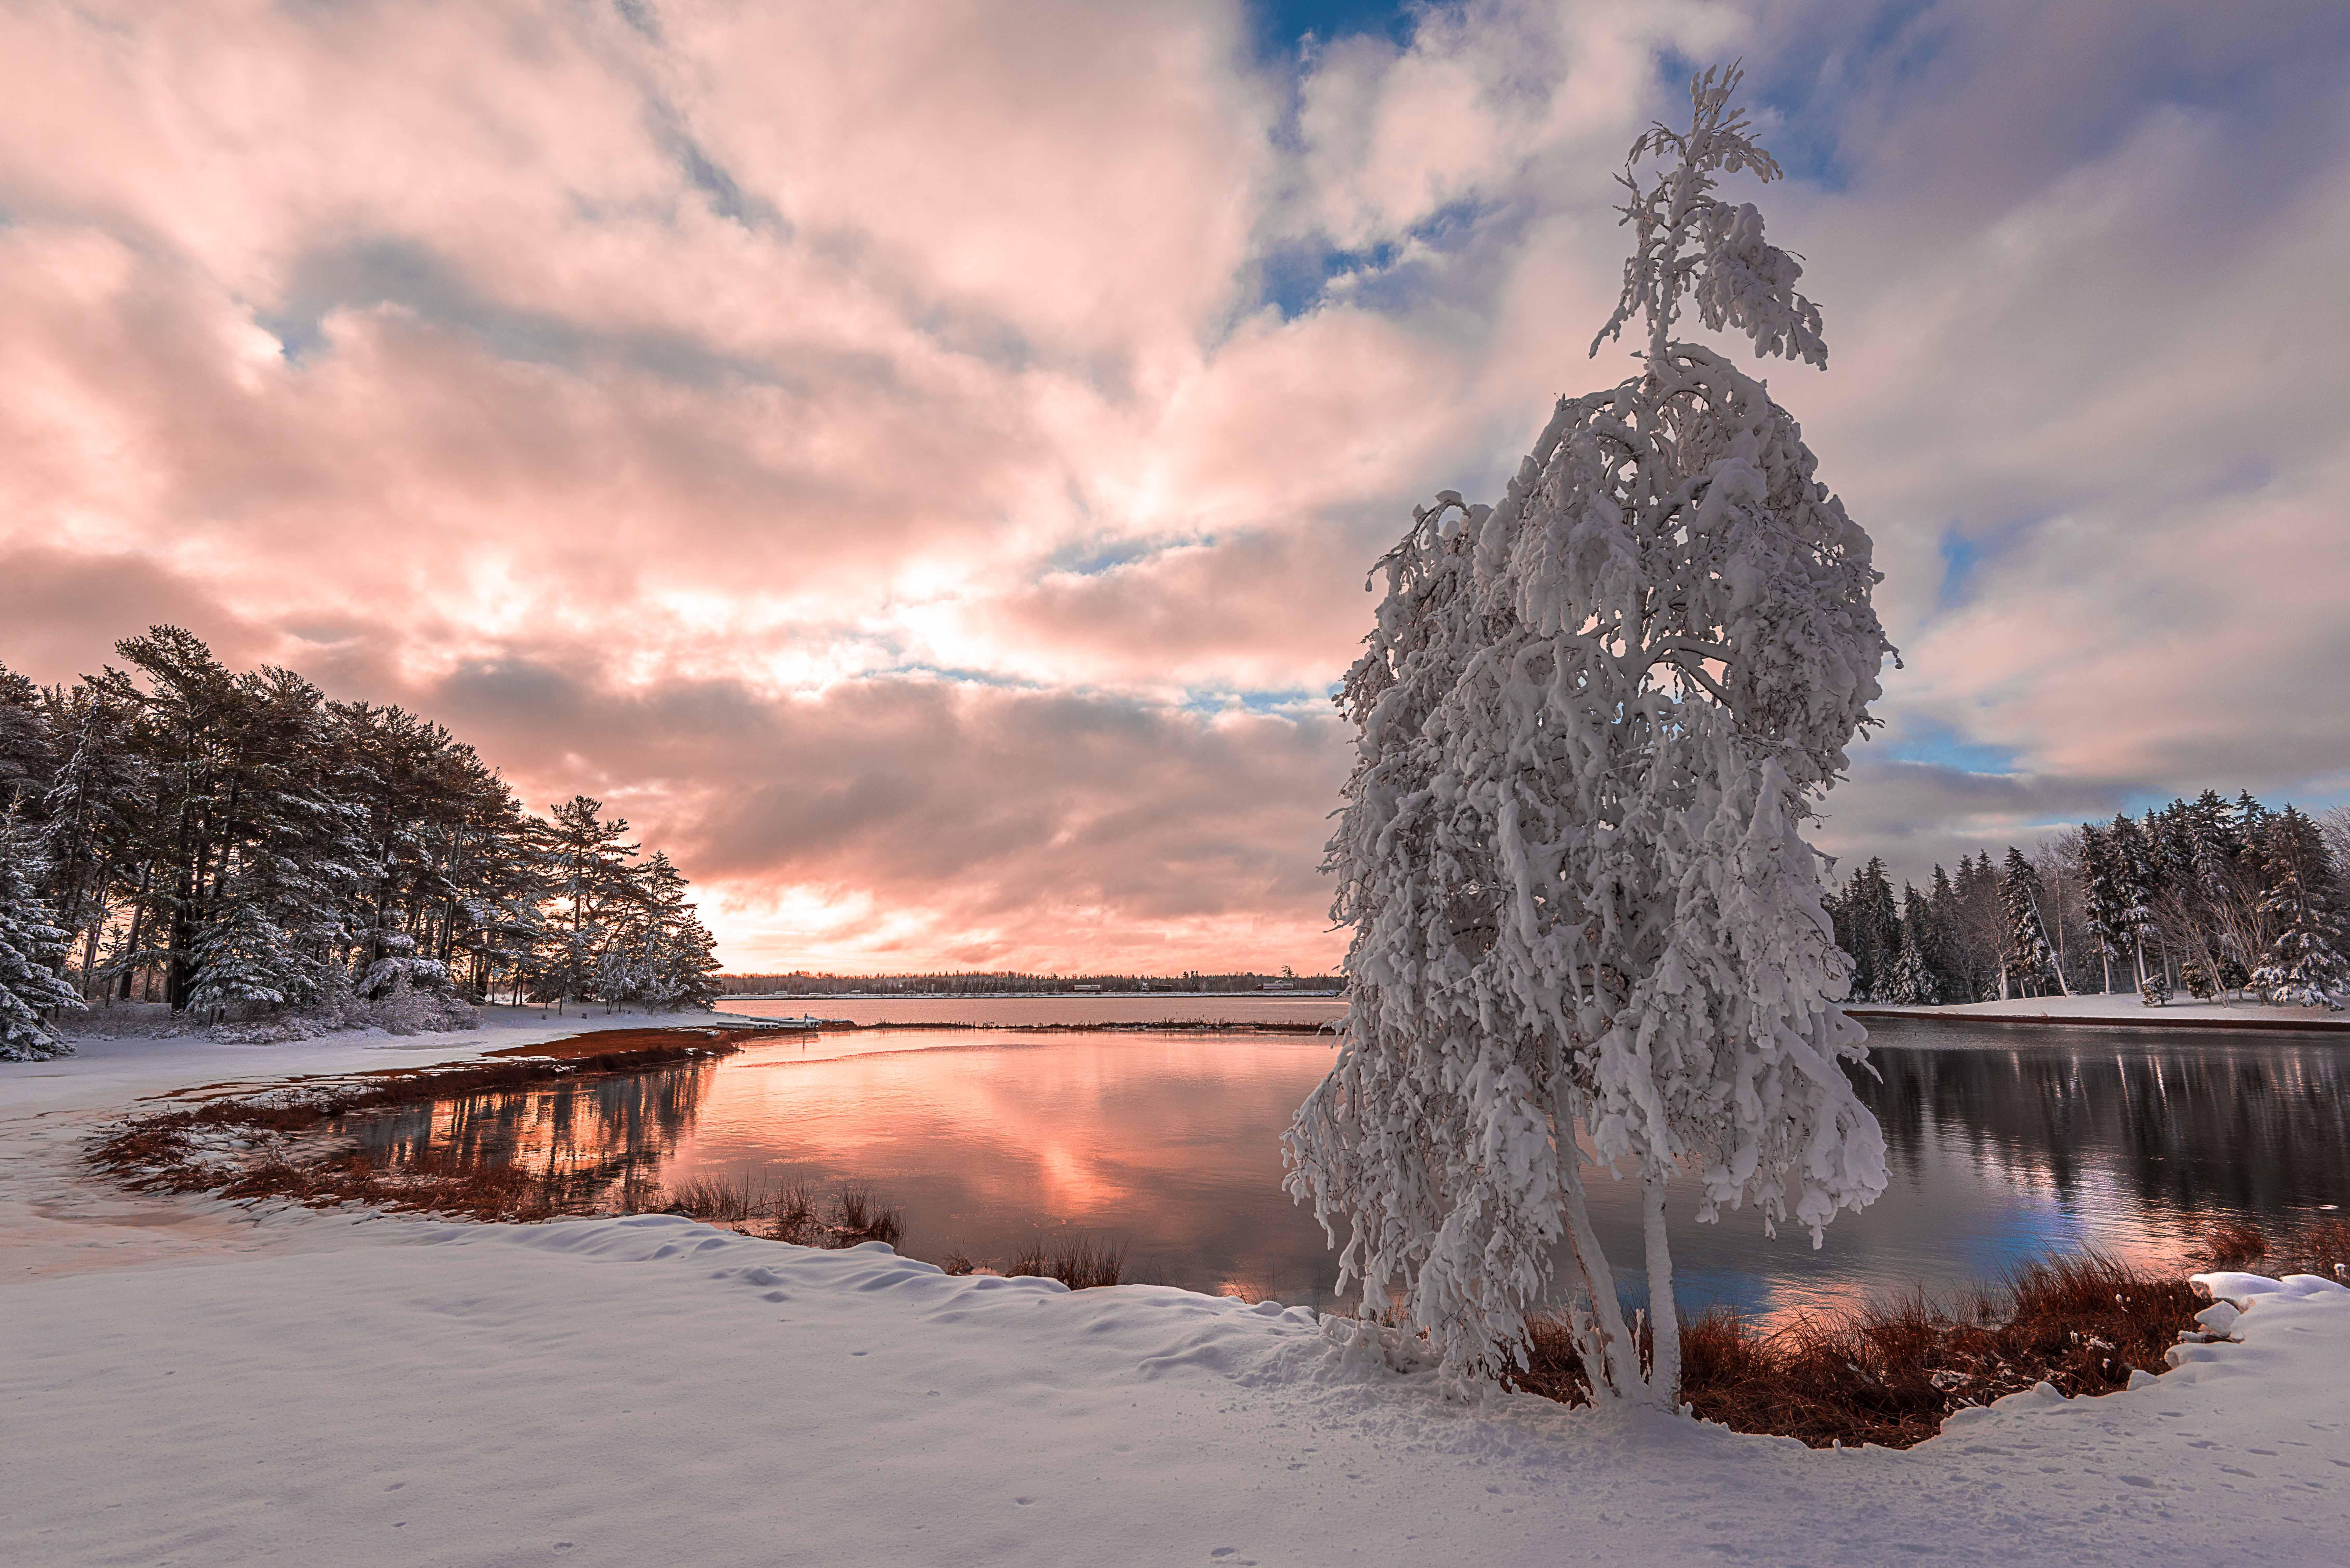 обои Первый снег в Нью-брунсвик, Канада, закат, зима картинки фото